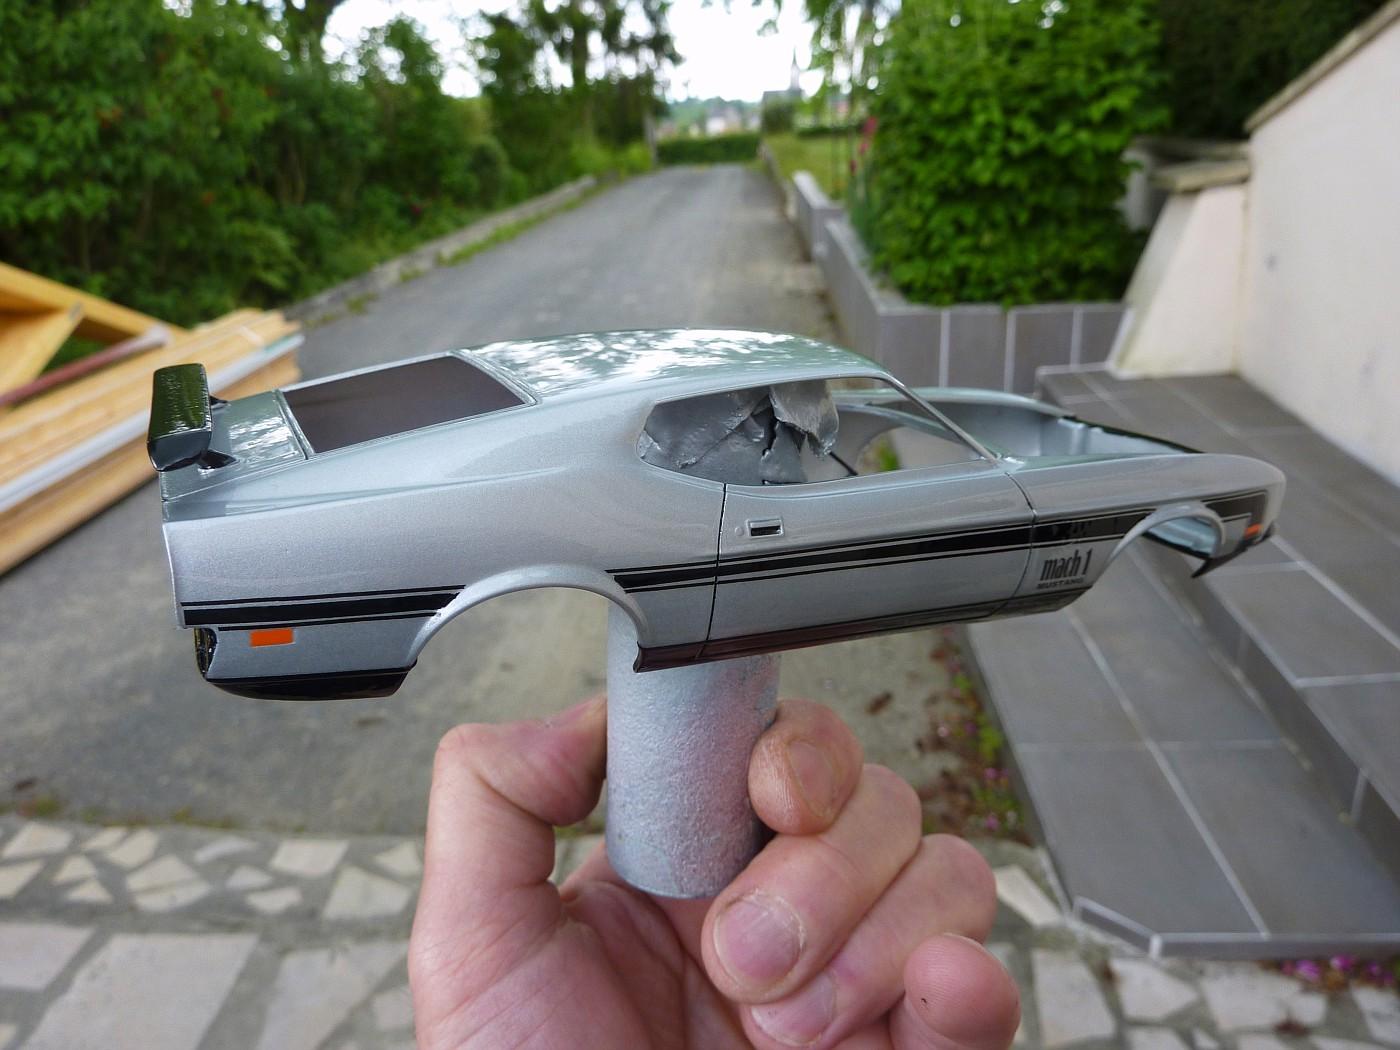 Restauration Mustang Mach 1 1971 terminée StaurationMustangBss3511971006-vi